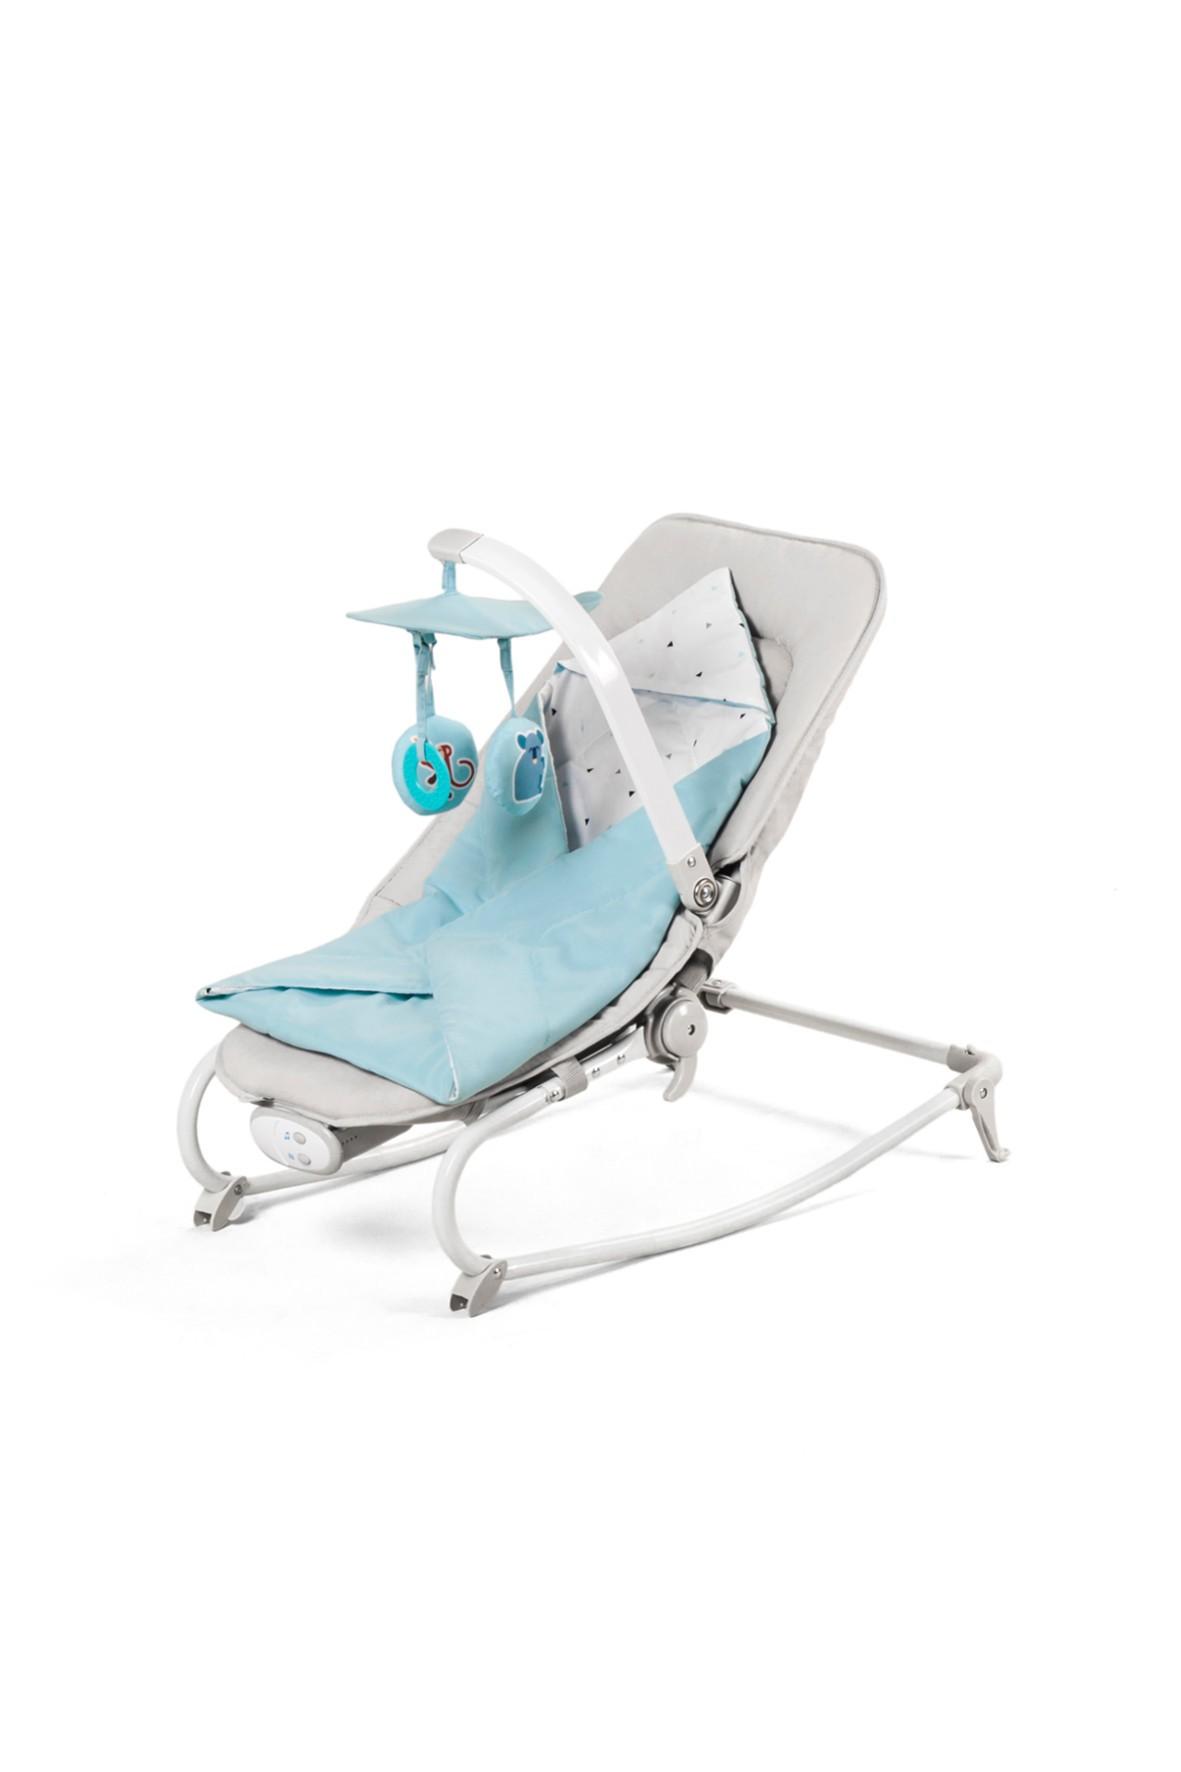 Leżaczek niemowlęcy niebieski Kinderkraft